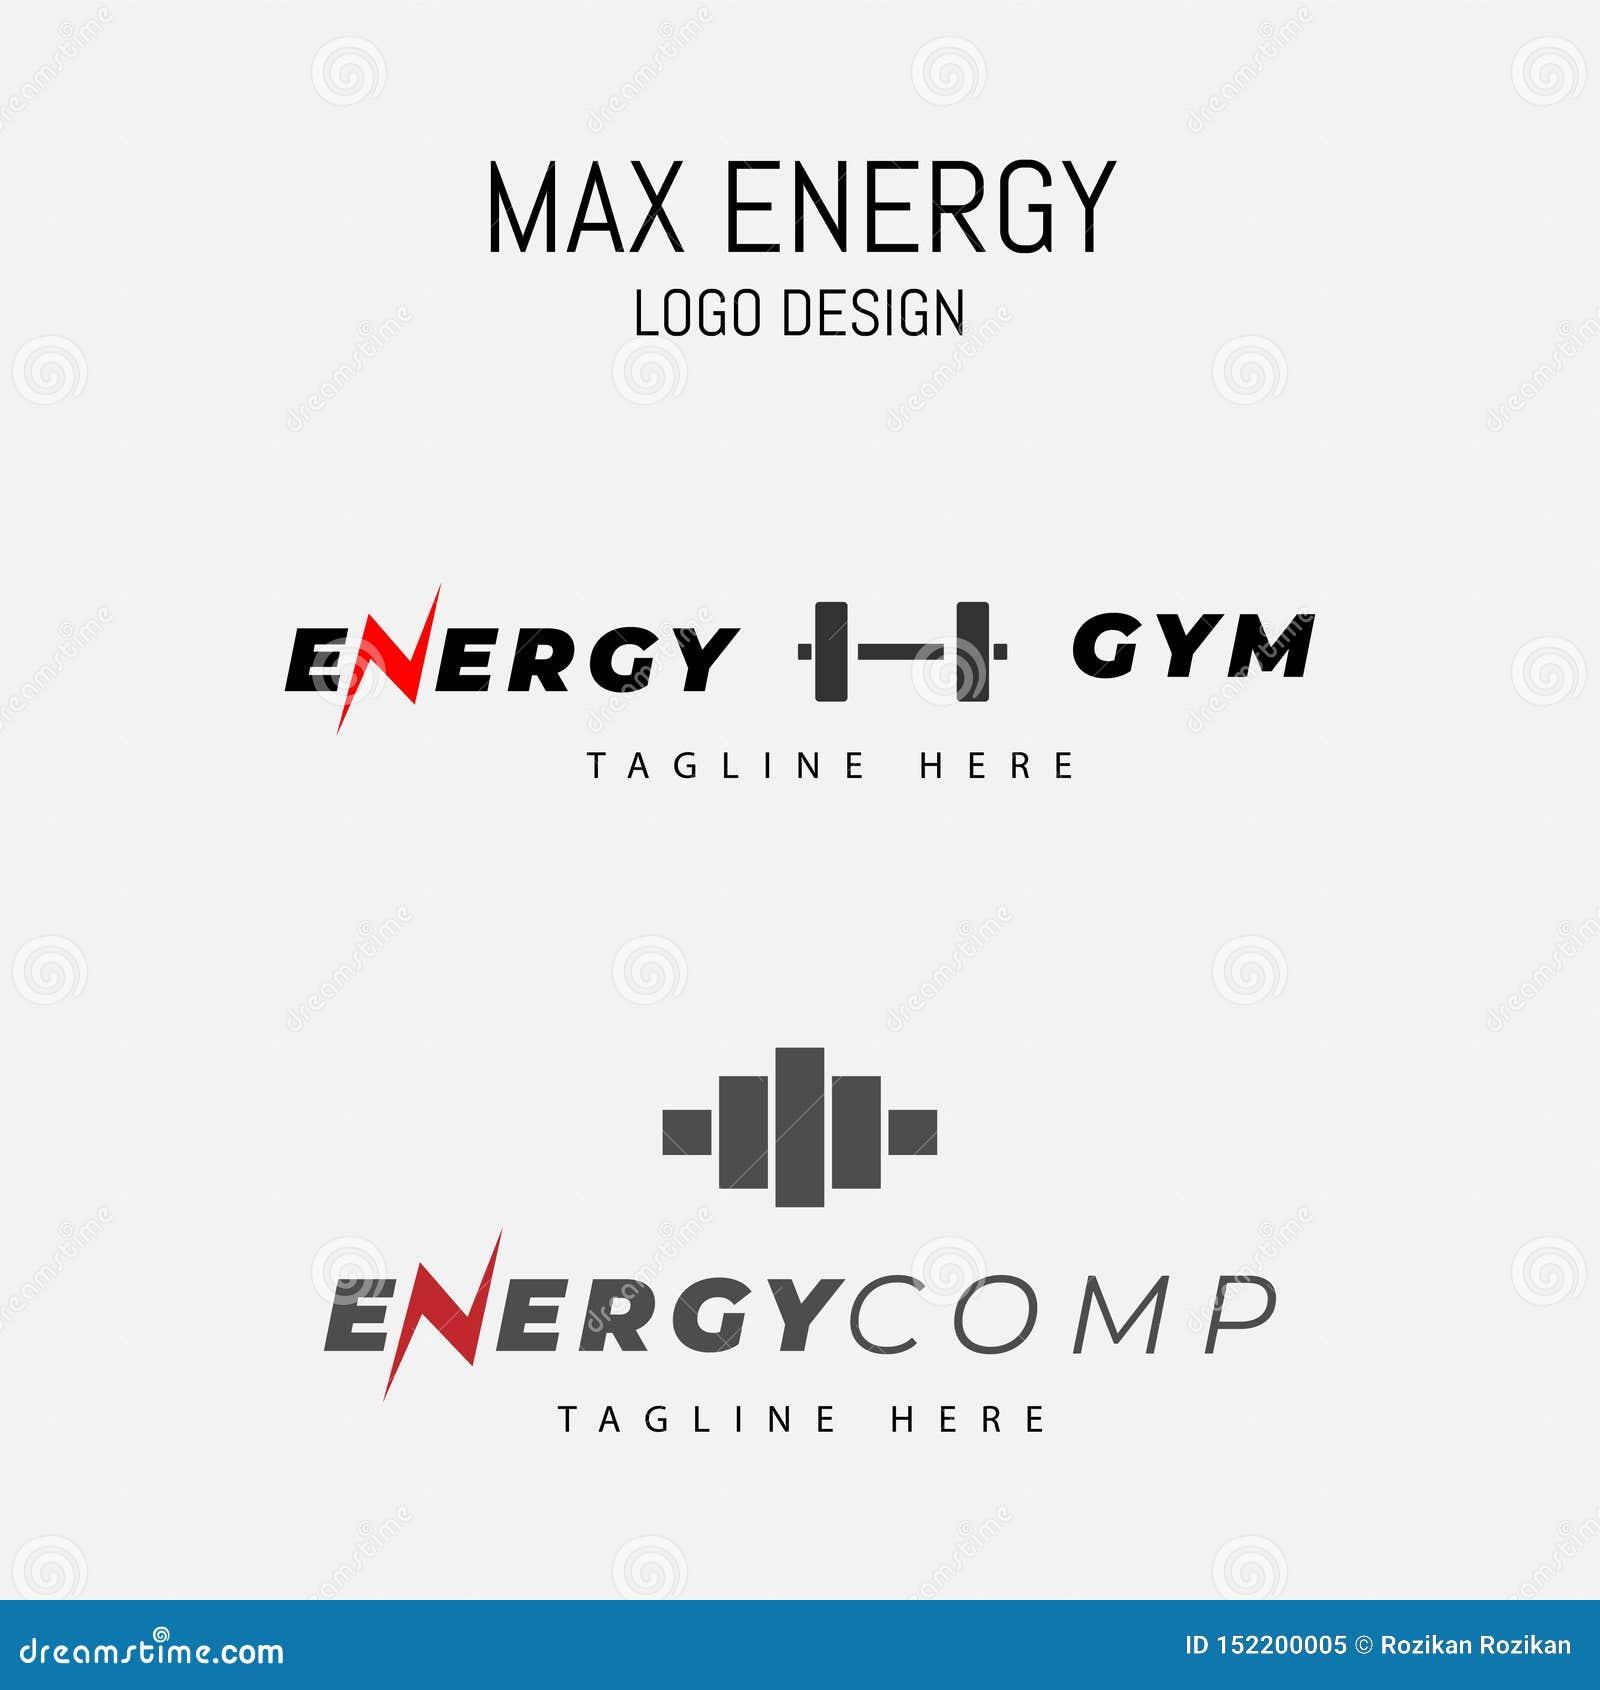 最大的能量商标设计滔滔不绝地说偶象